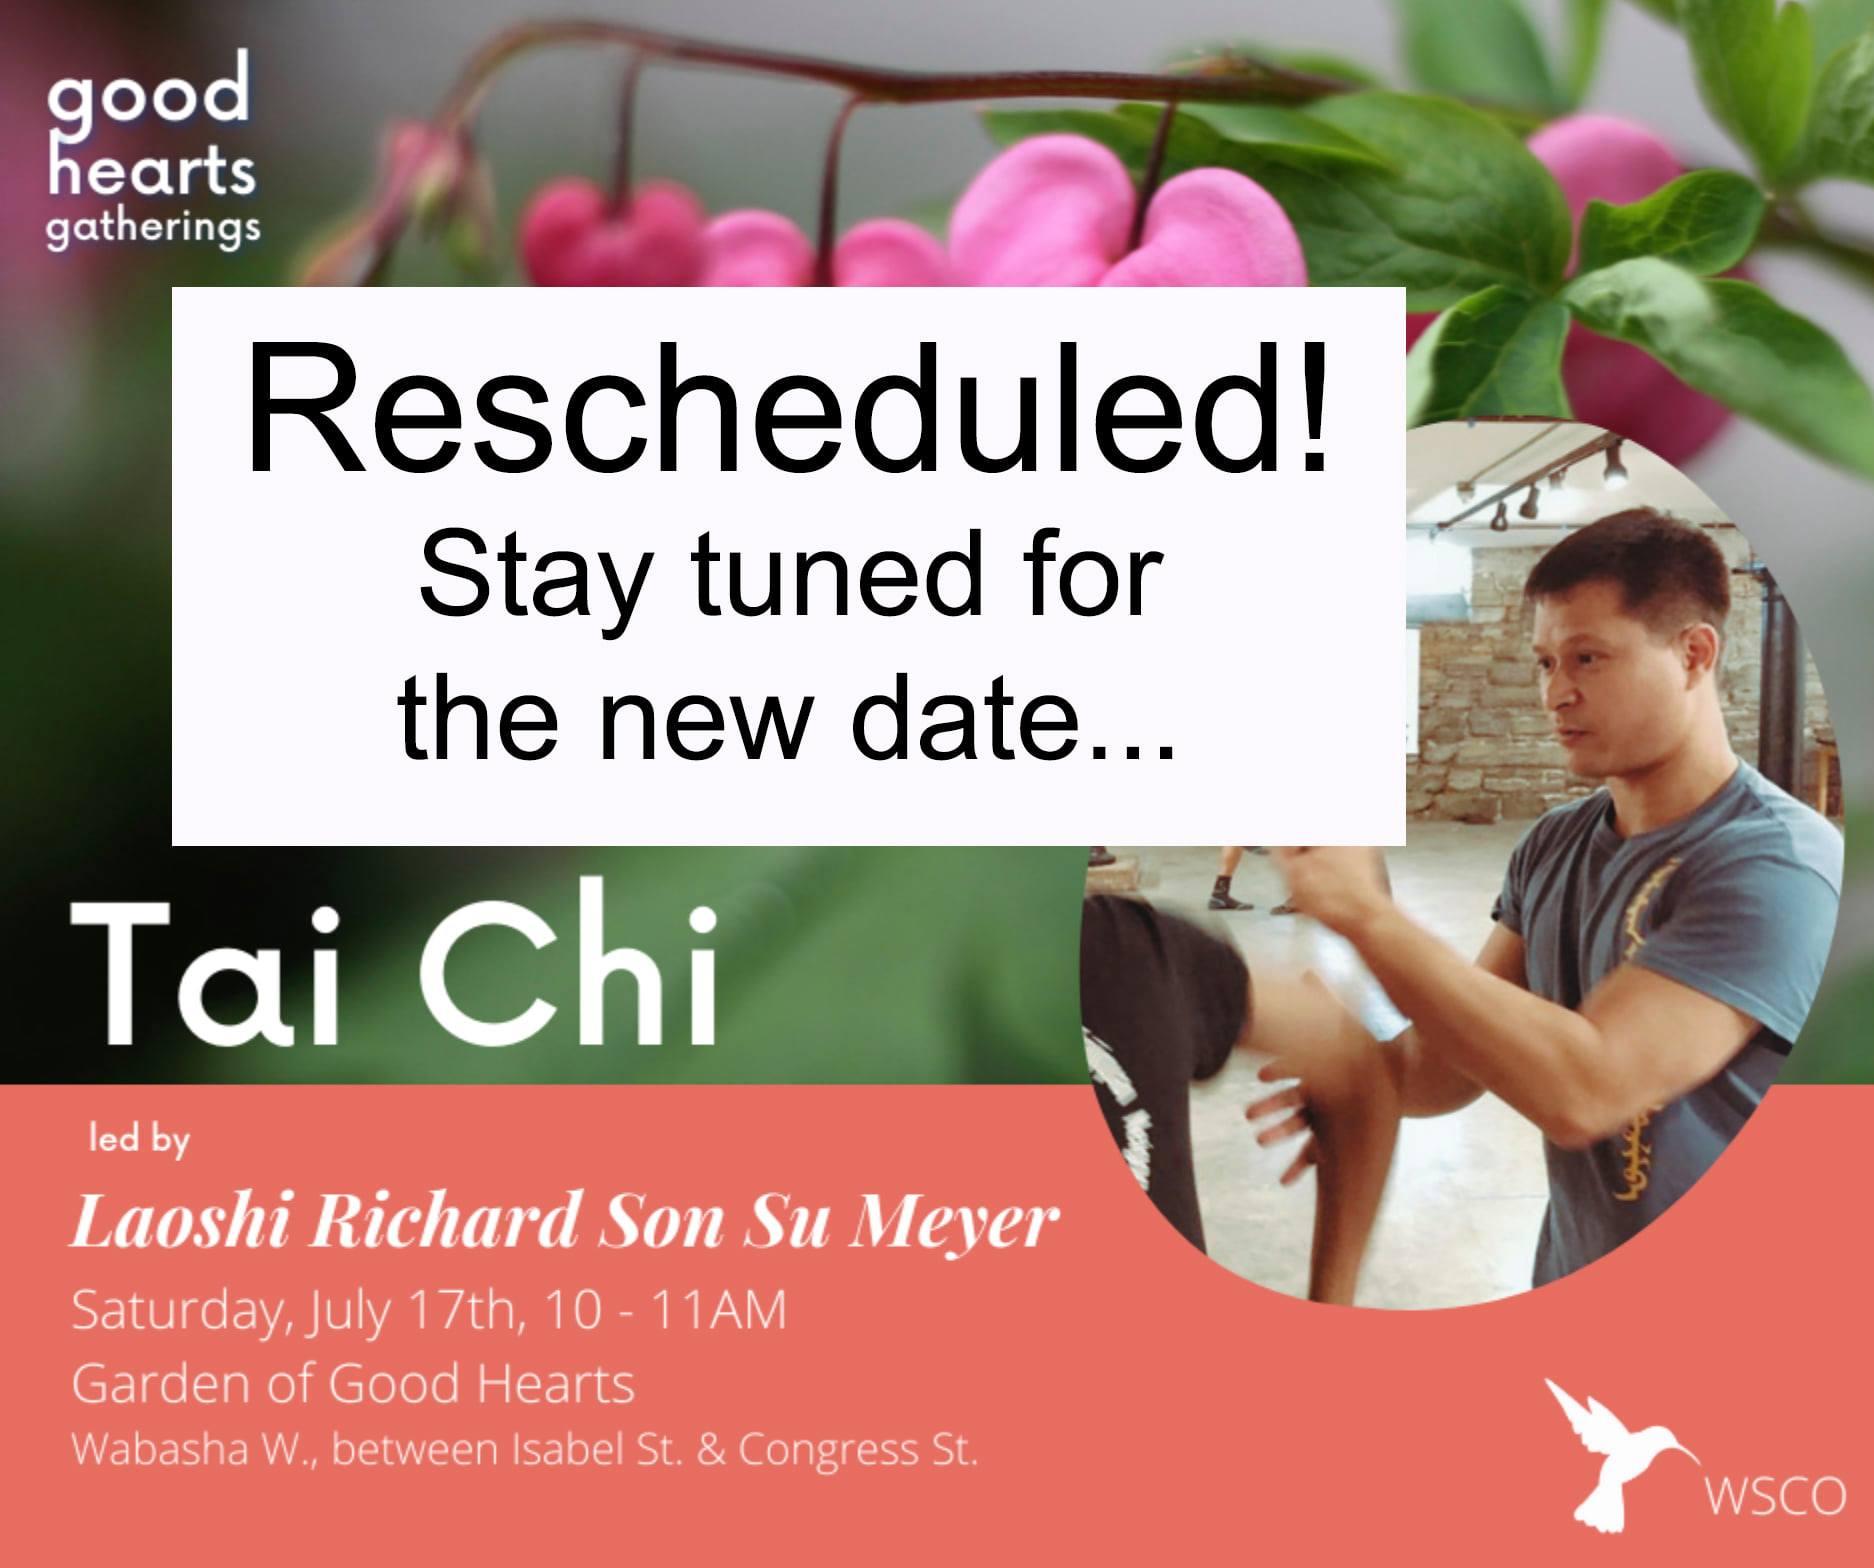 cancellation update